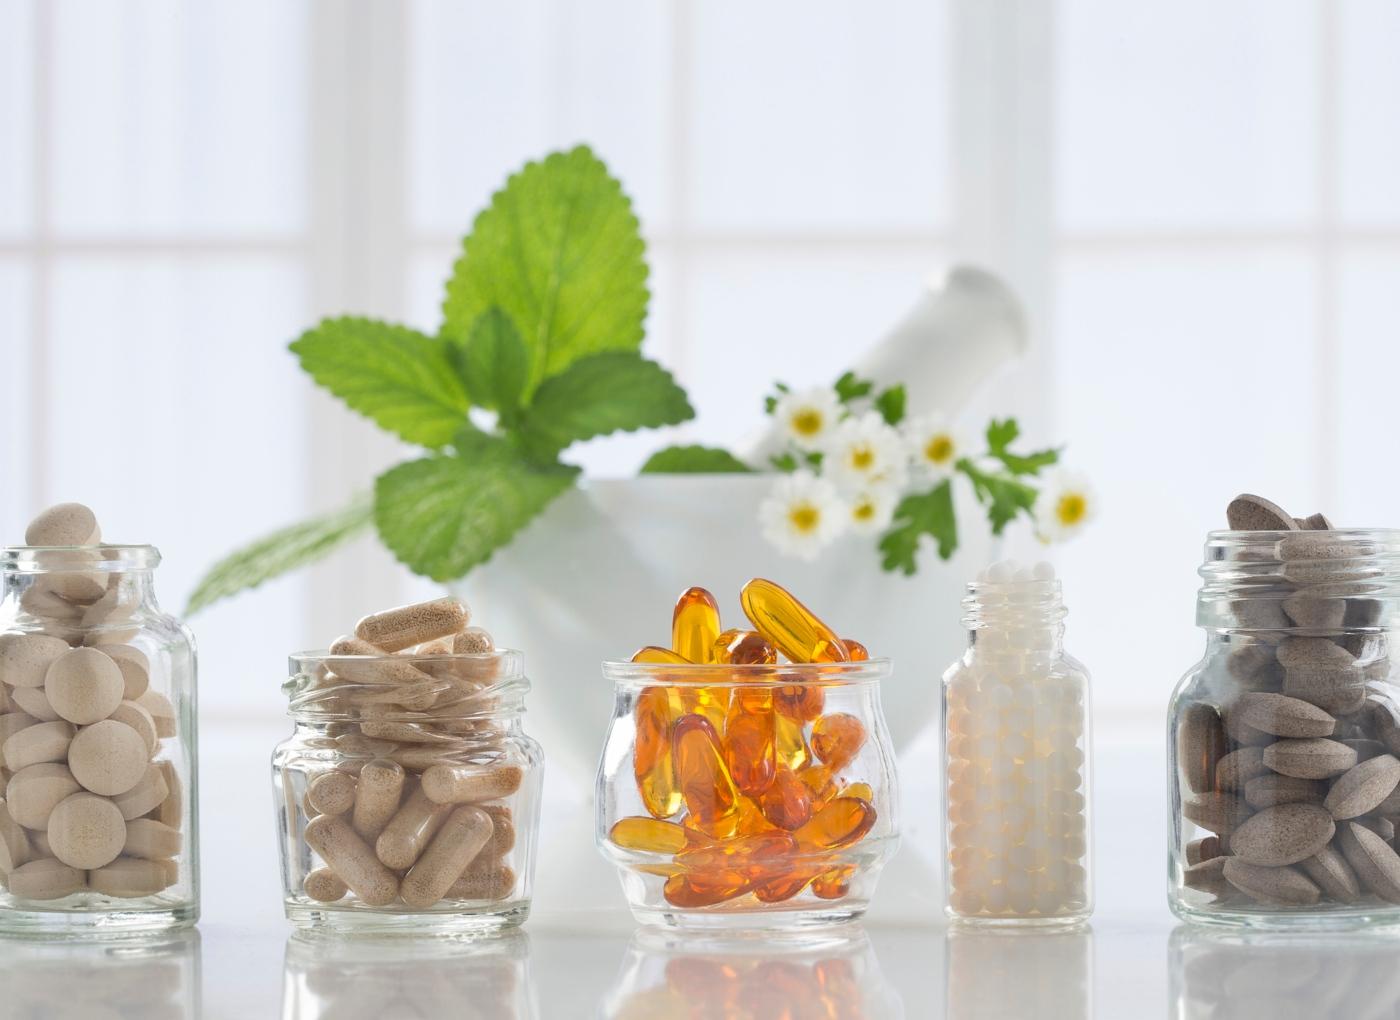 Suplementos contra a ansiedade: saiba como minimizar os sintomas